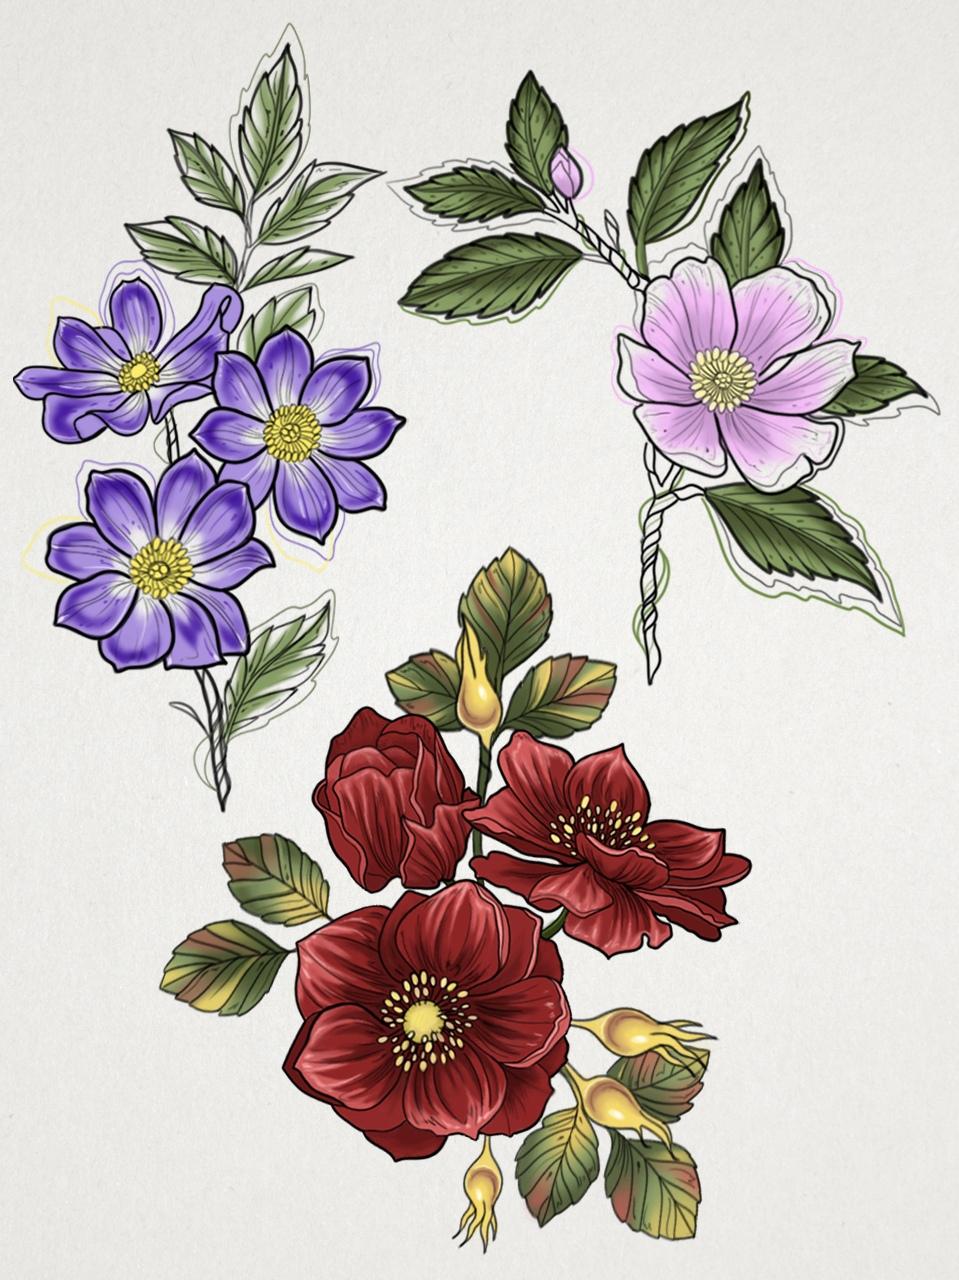 Всем привет) Я долго думала куда направить свои художественные навыки и решила выбрать путь татуировщика)) В связи с этим, я хочу собрать свое портфолио из очень красивых и нежных работ по своим эскизам (а может и по Вашим).